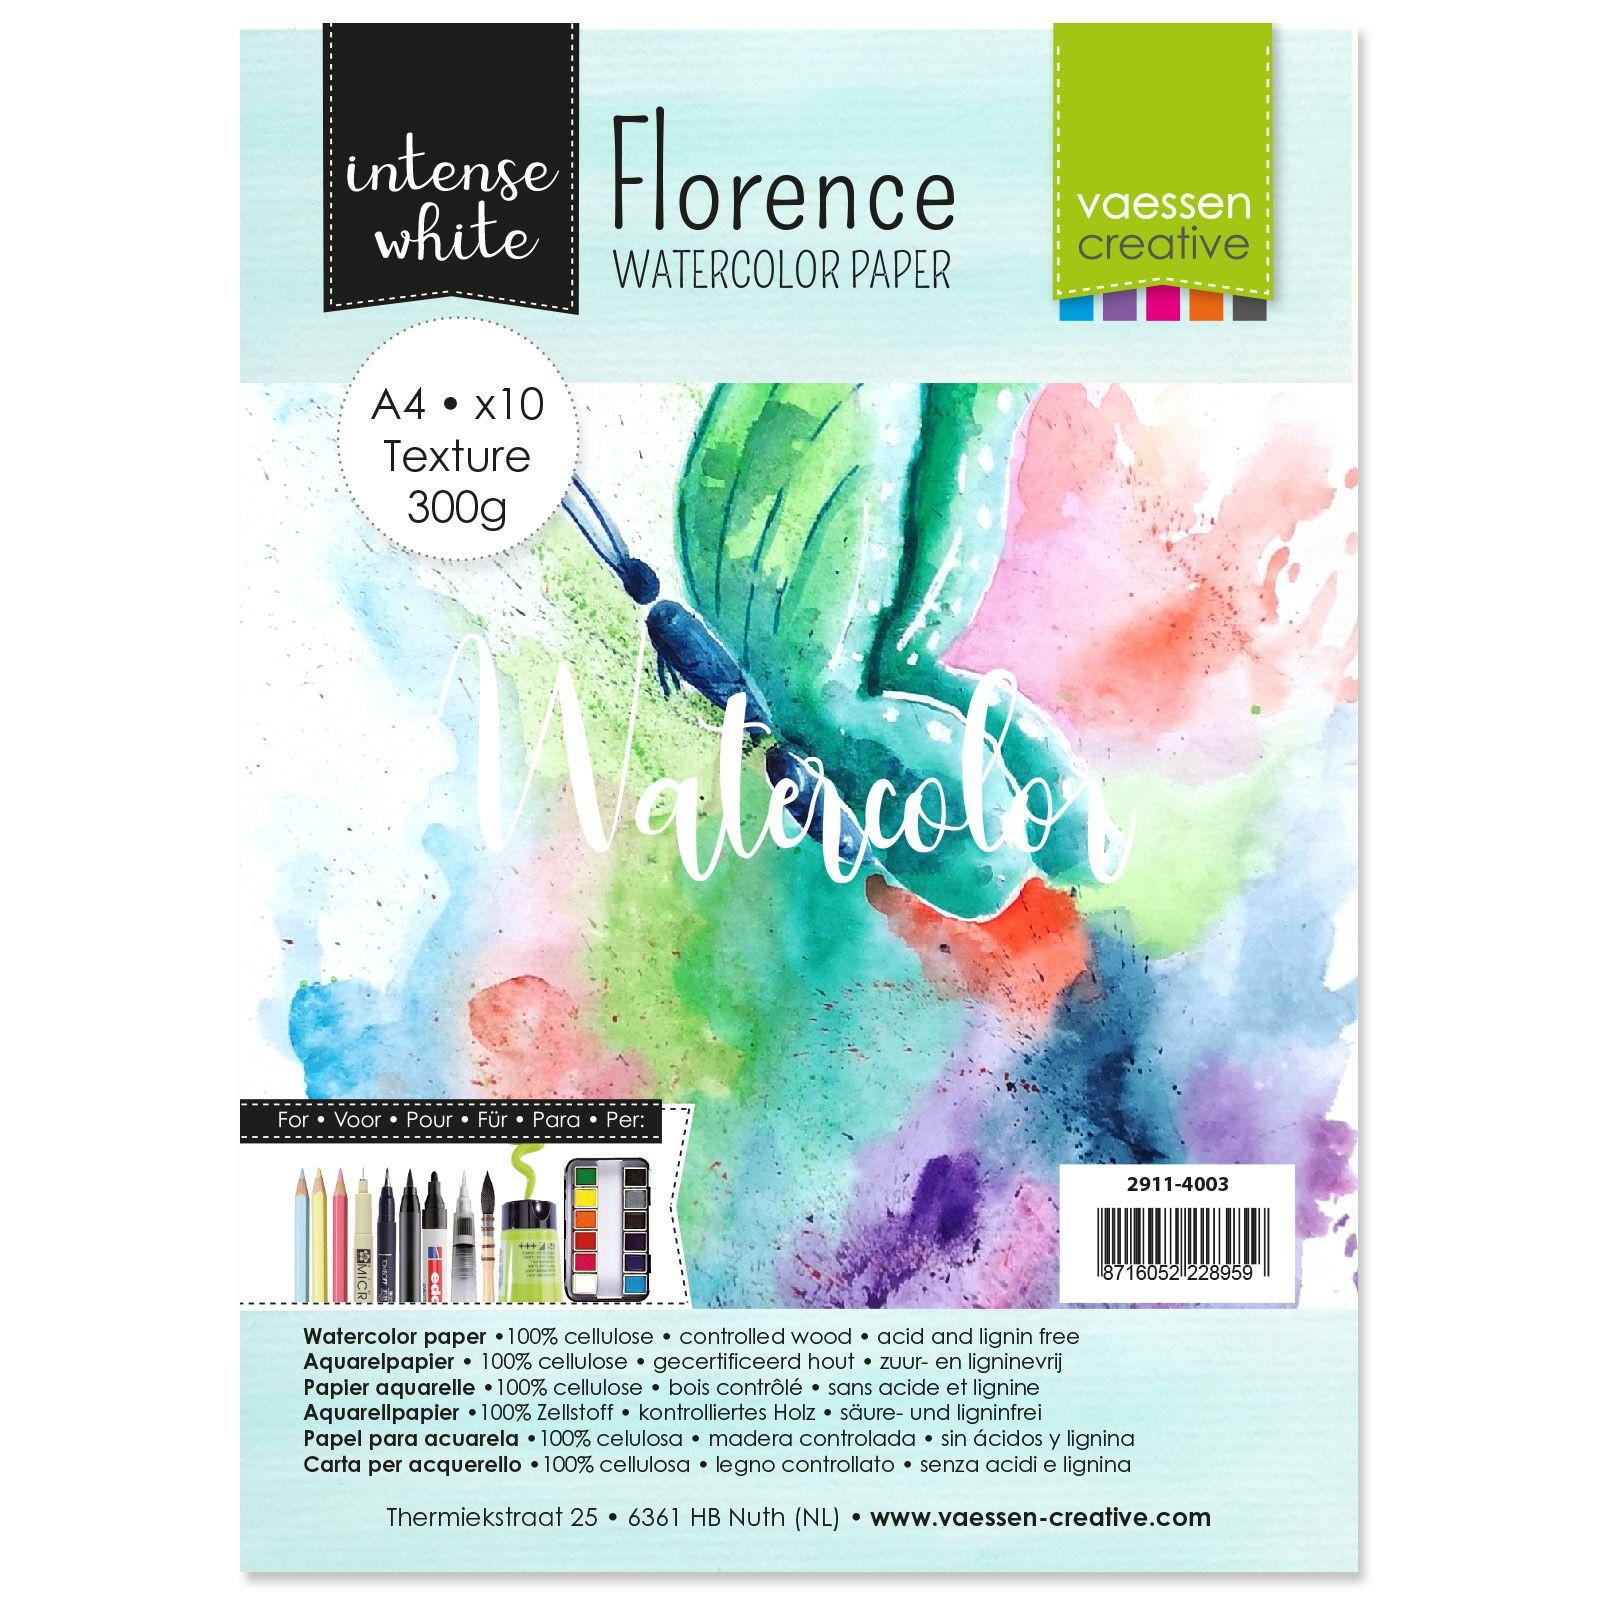 Florence - A4-es Intense White akvarell papír szett 300g - 10 db fehér textúrált felületű